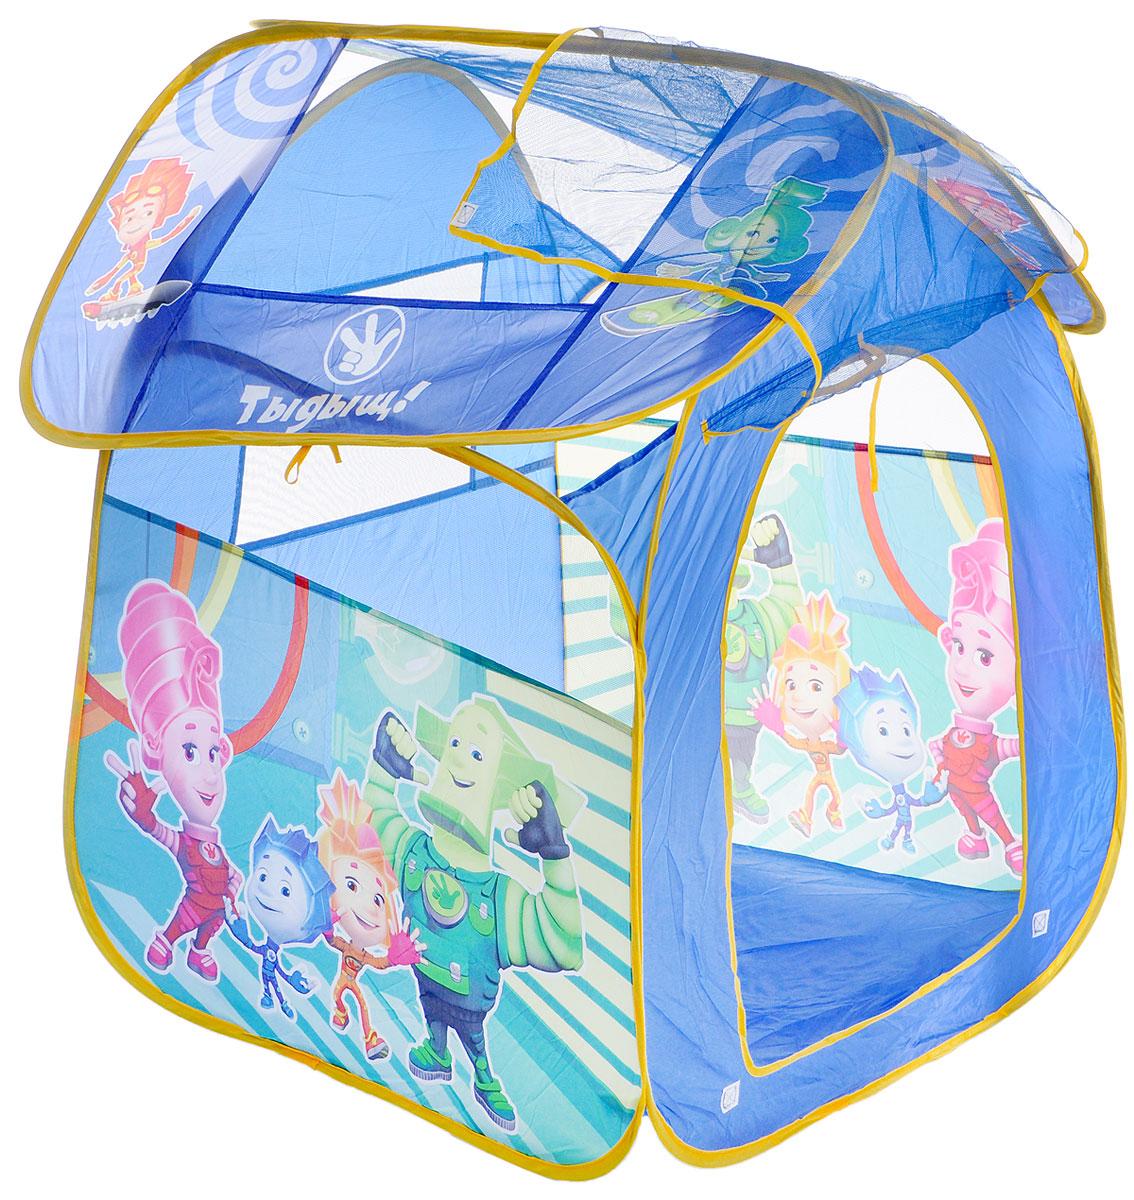 Играем вместе Детская игровая палатка Фиксики 83 х 80 х 105 см